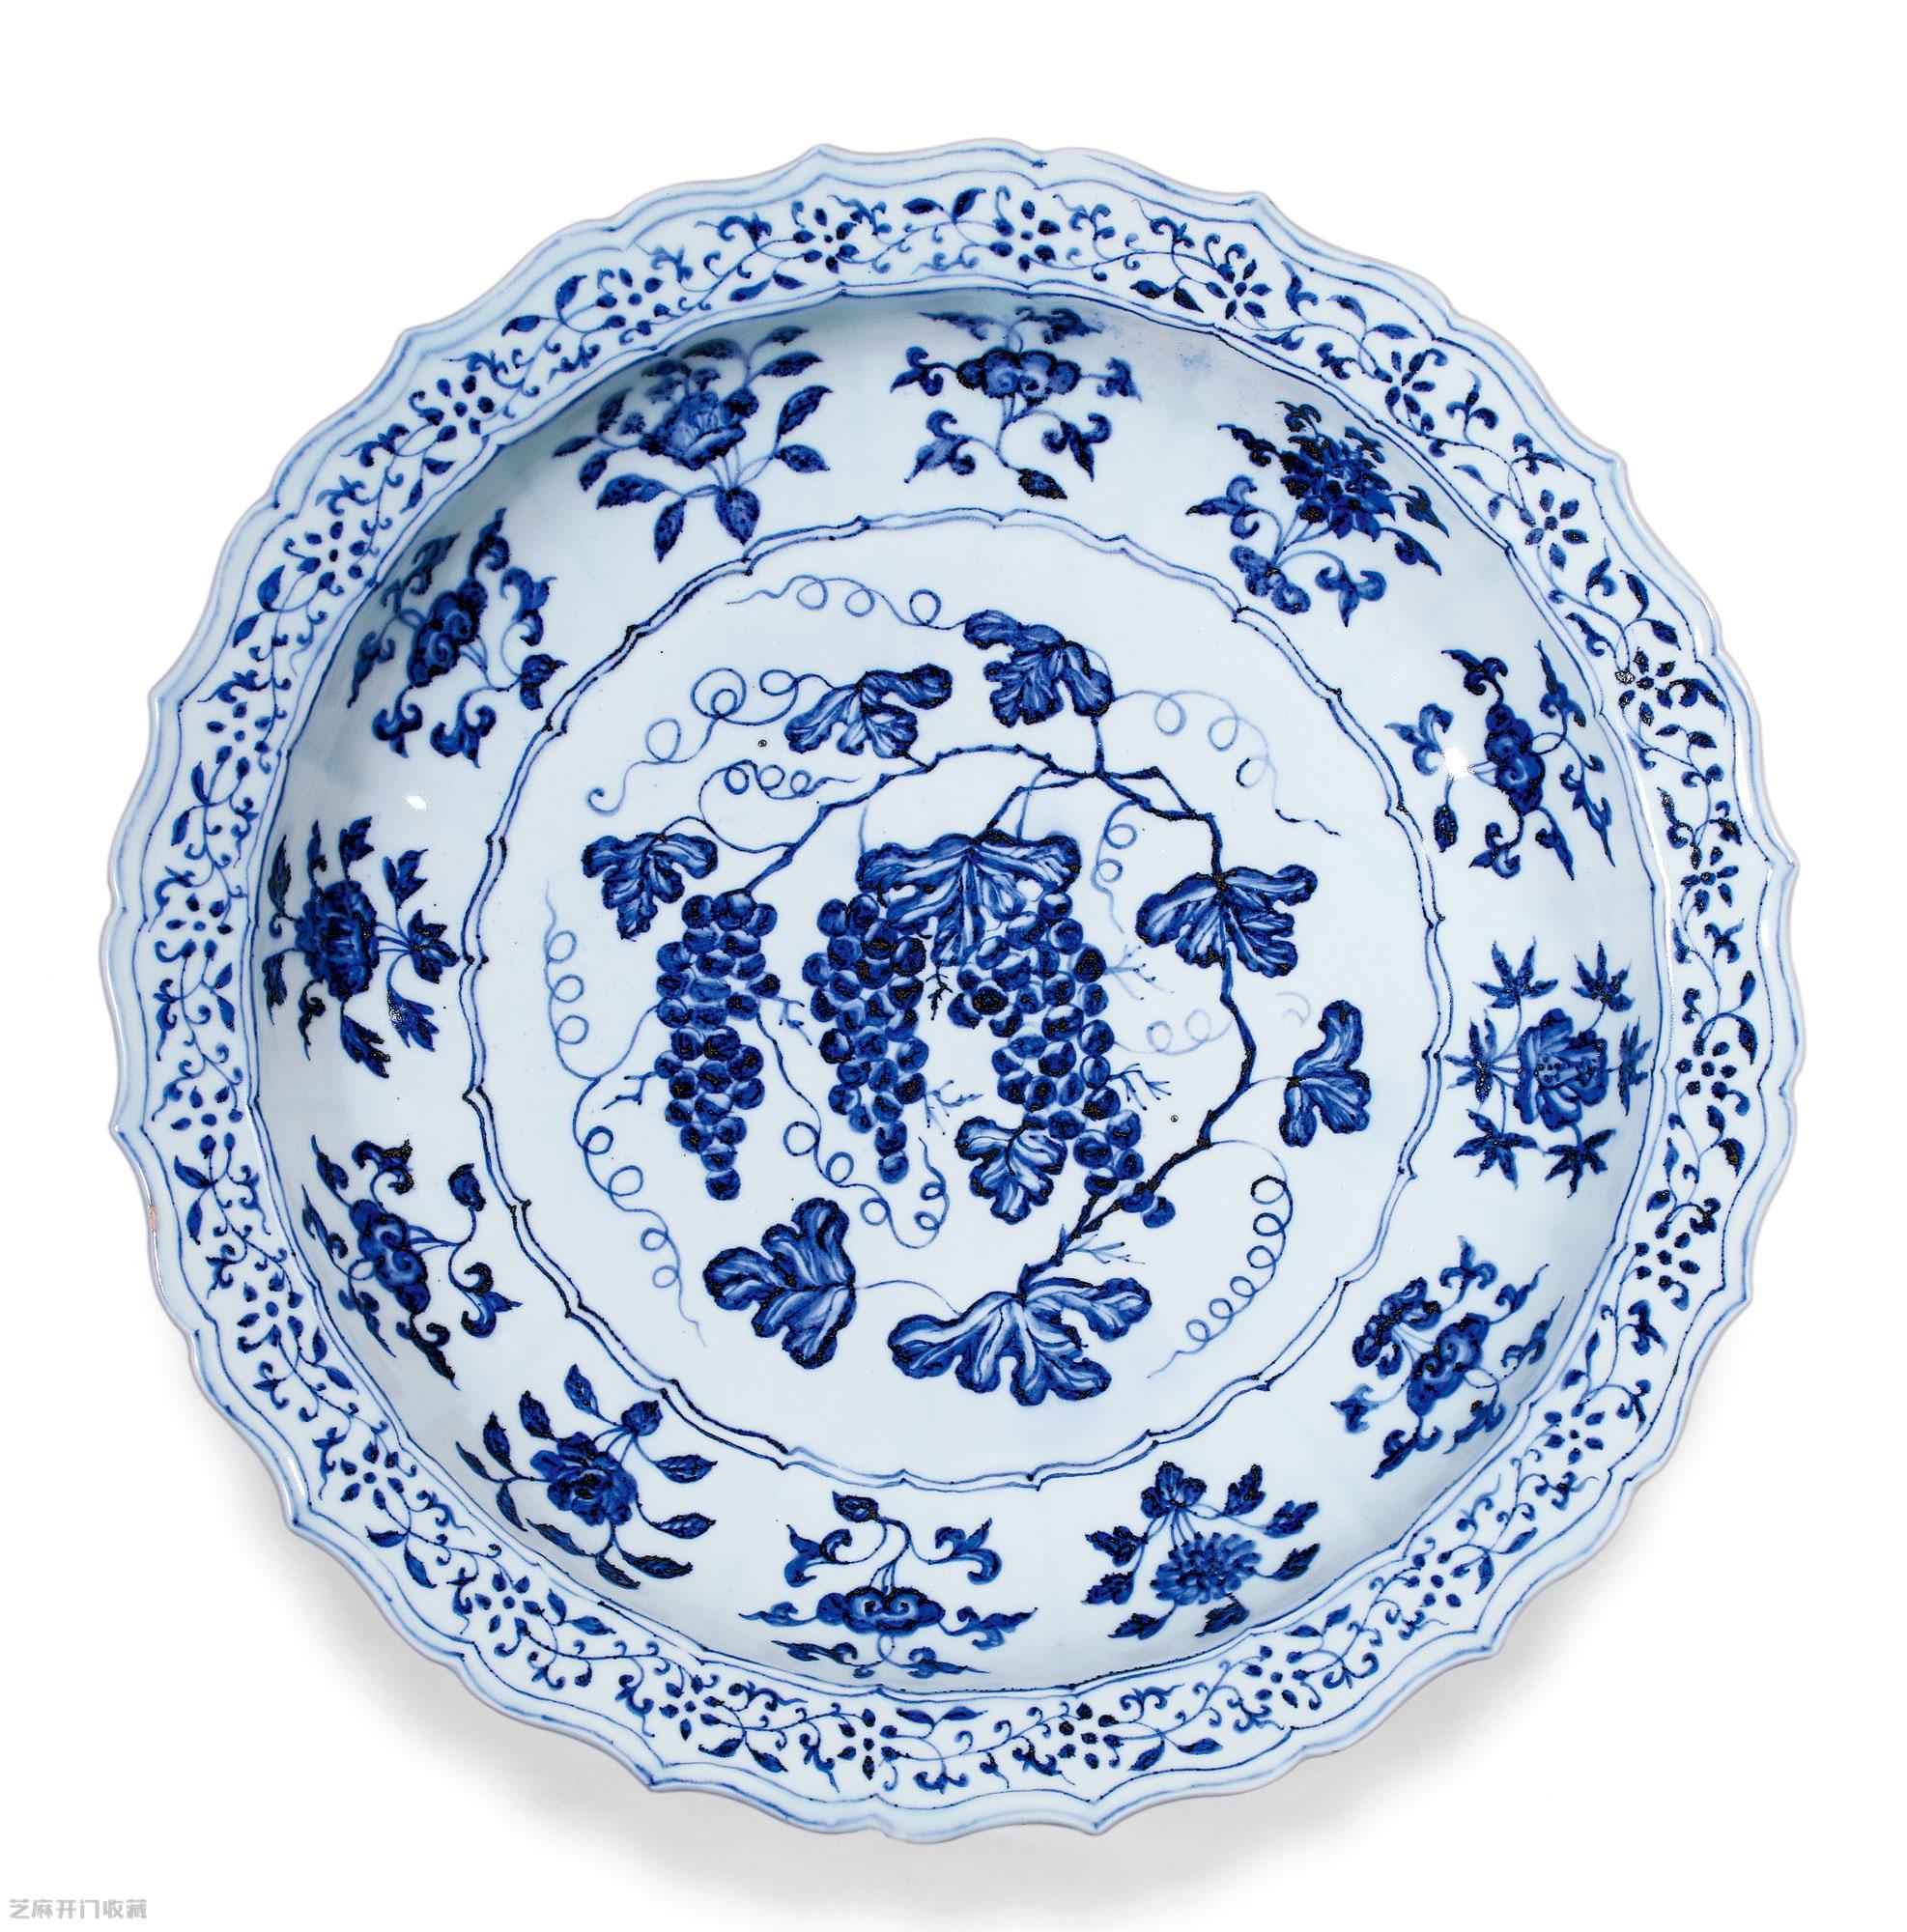 明朝青花瓷:是中国陶瓷史上发展的一个重要阶